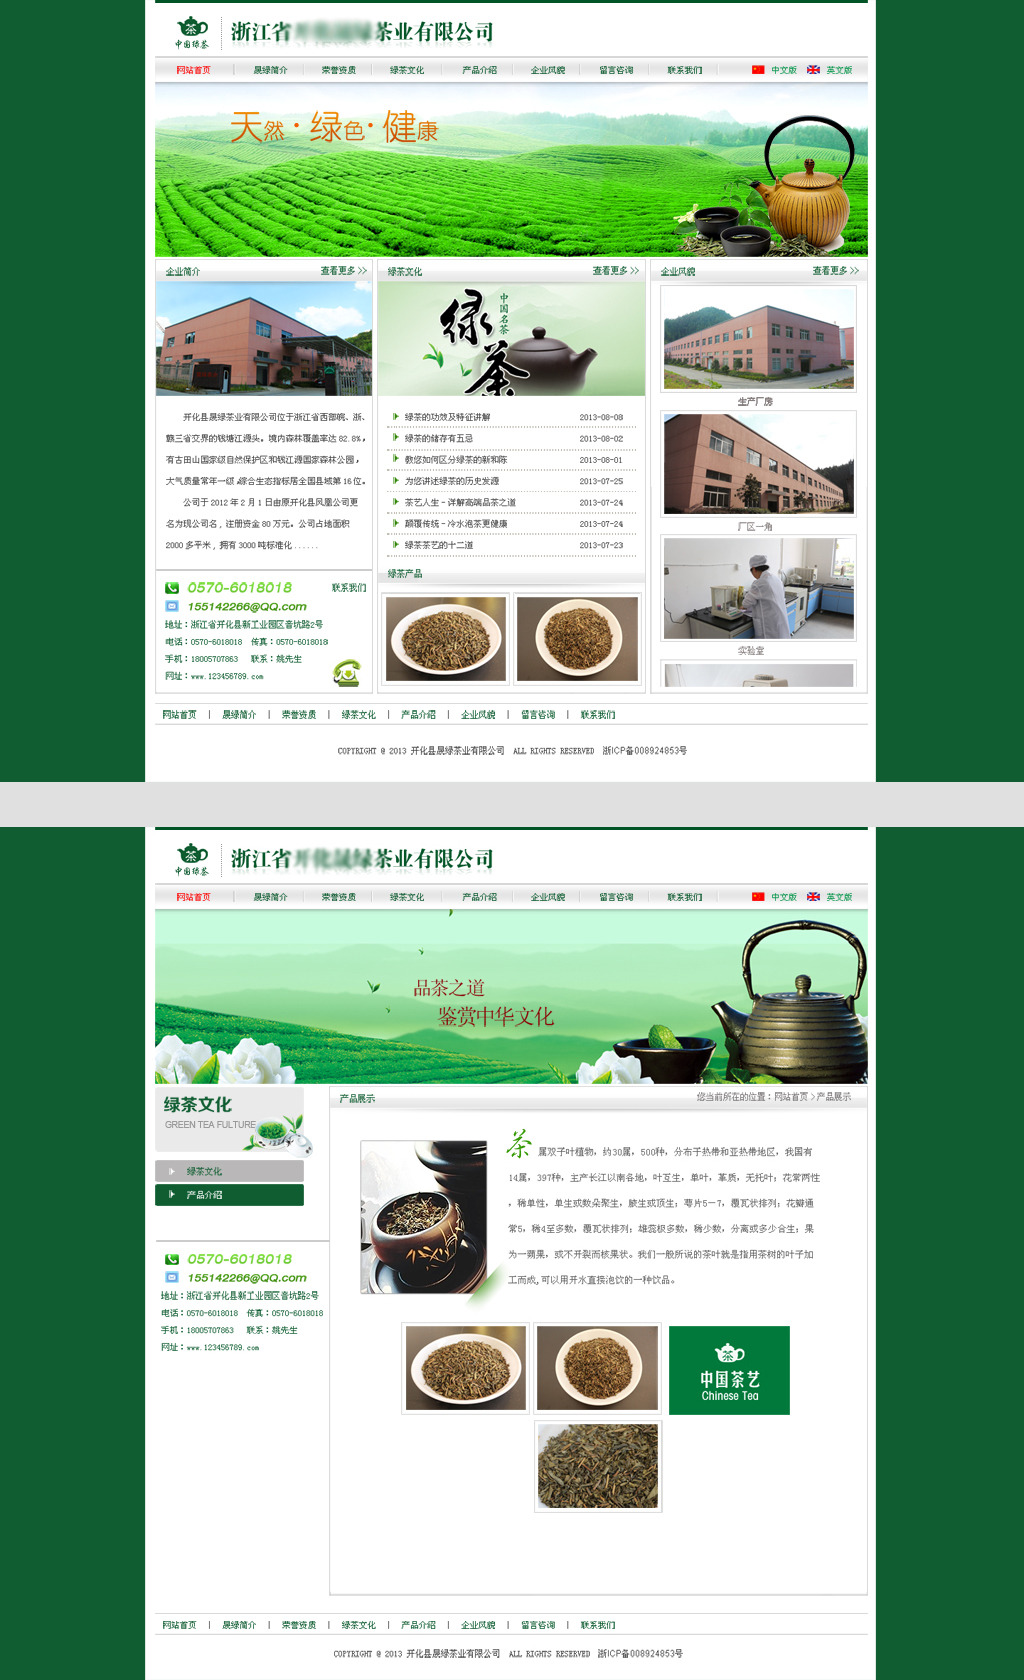 平面设计 网页设计模板 企业网站模板 > 绿色大气茶叶土特产网站设计